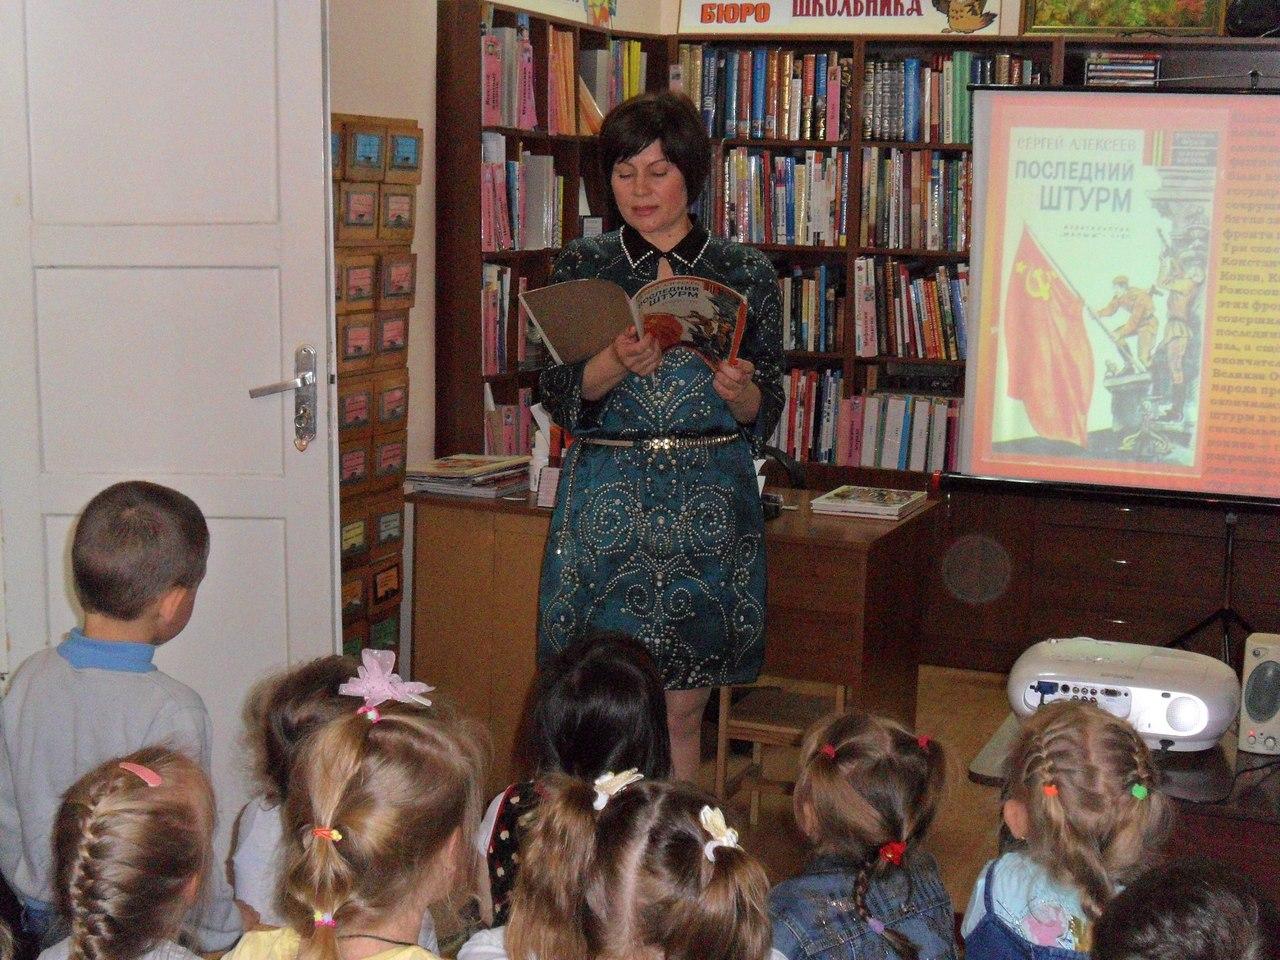 день победы, донецкая республиканская библиотека для детей, отдел искусств, патриотическое воспитание детей